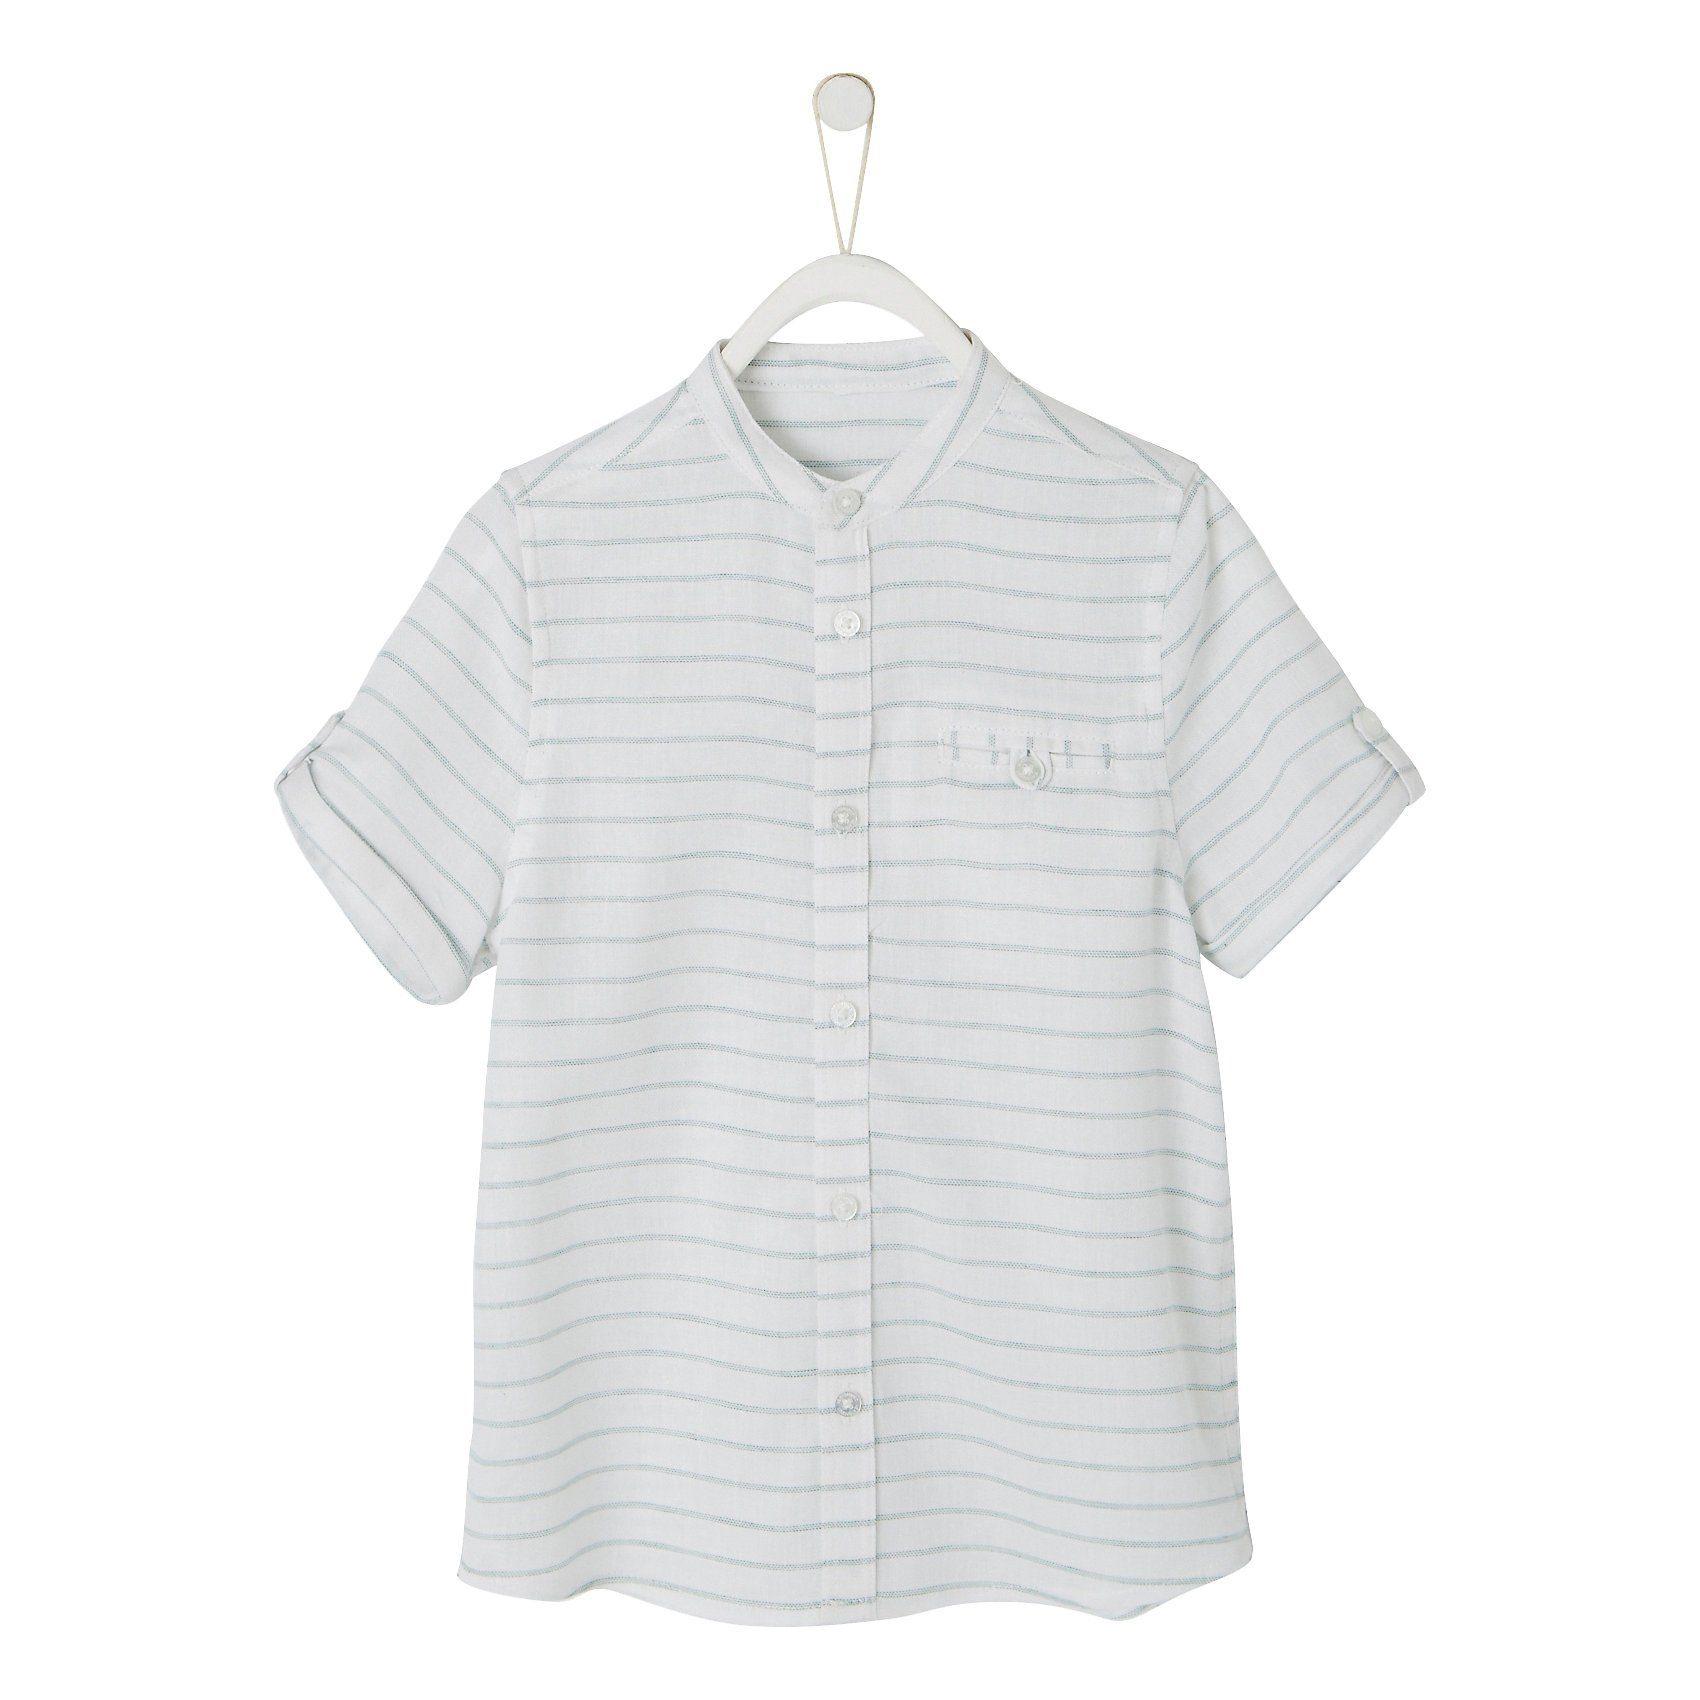 Herren,  Jungen,  Kinder vertbaudet Langarmhemd für Jungen weiß   03611652911384